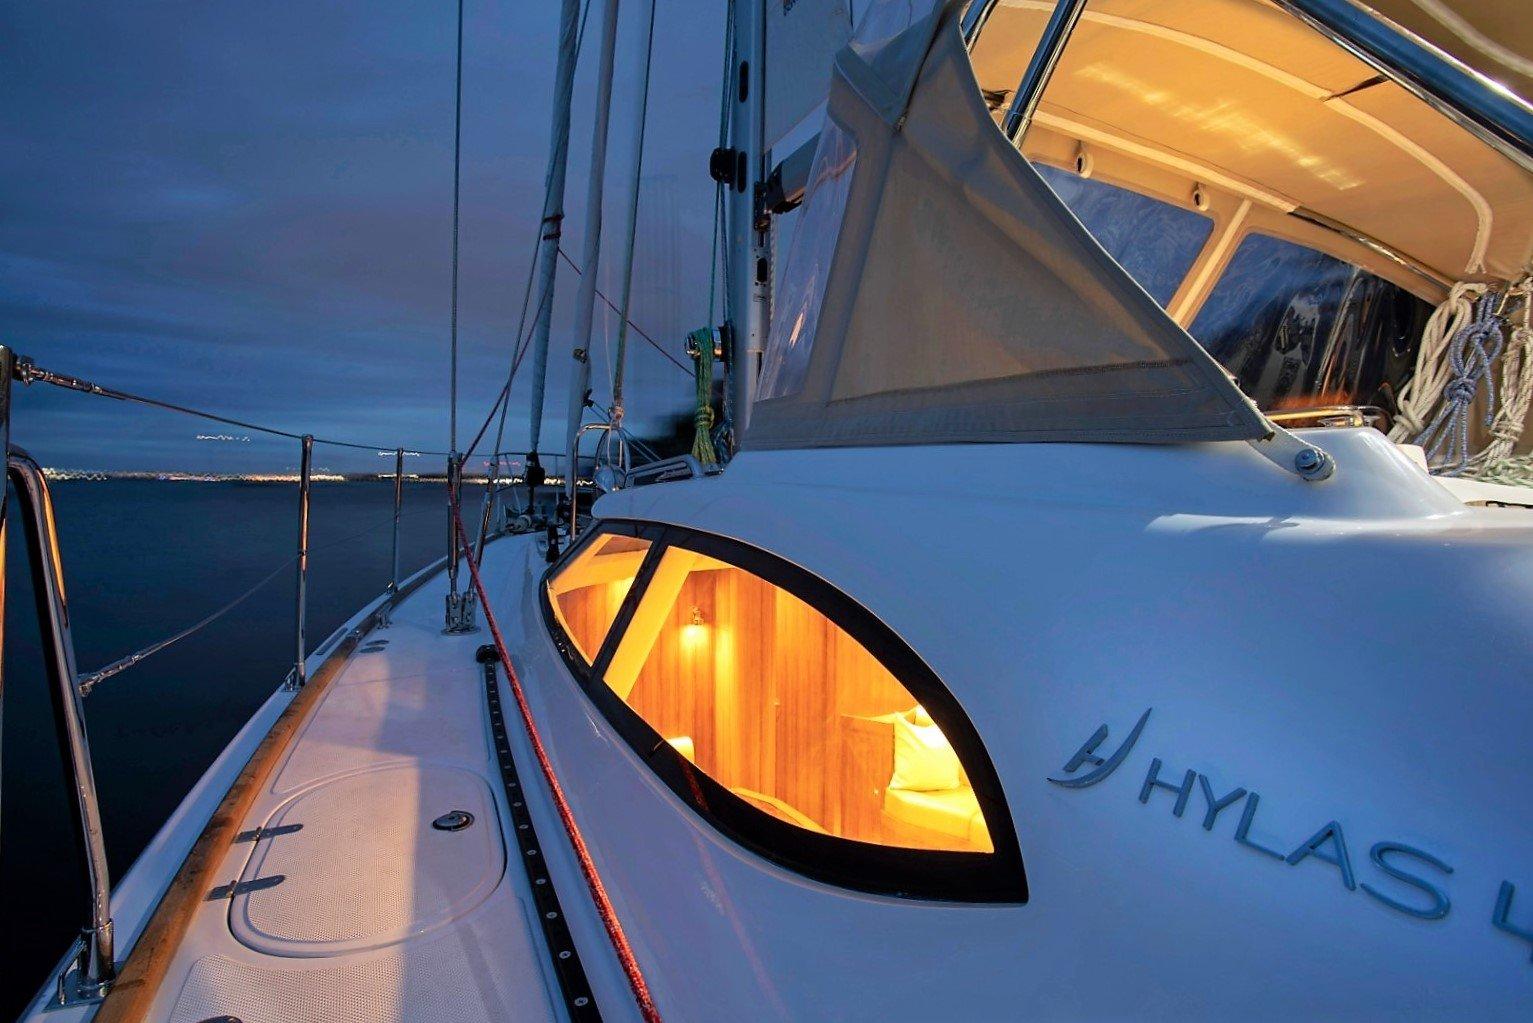 Hylas 48 Side Deck